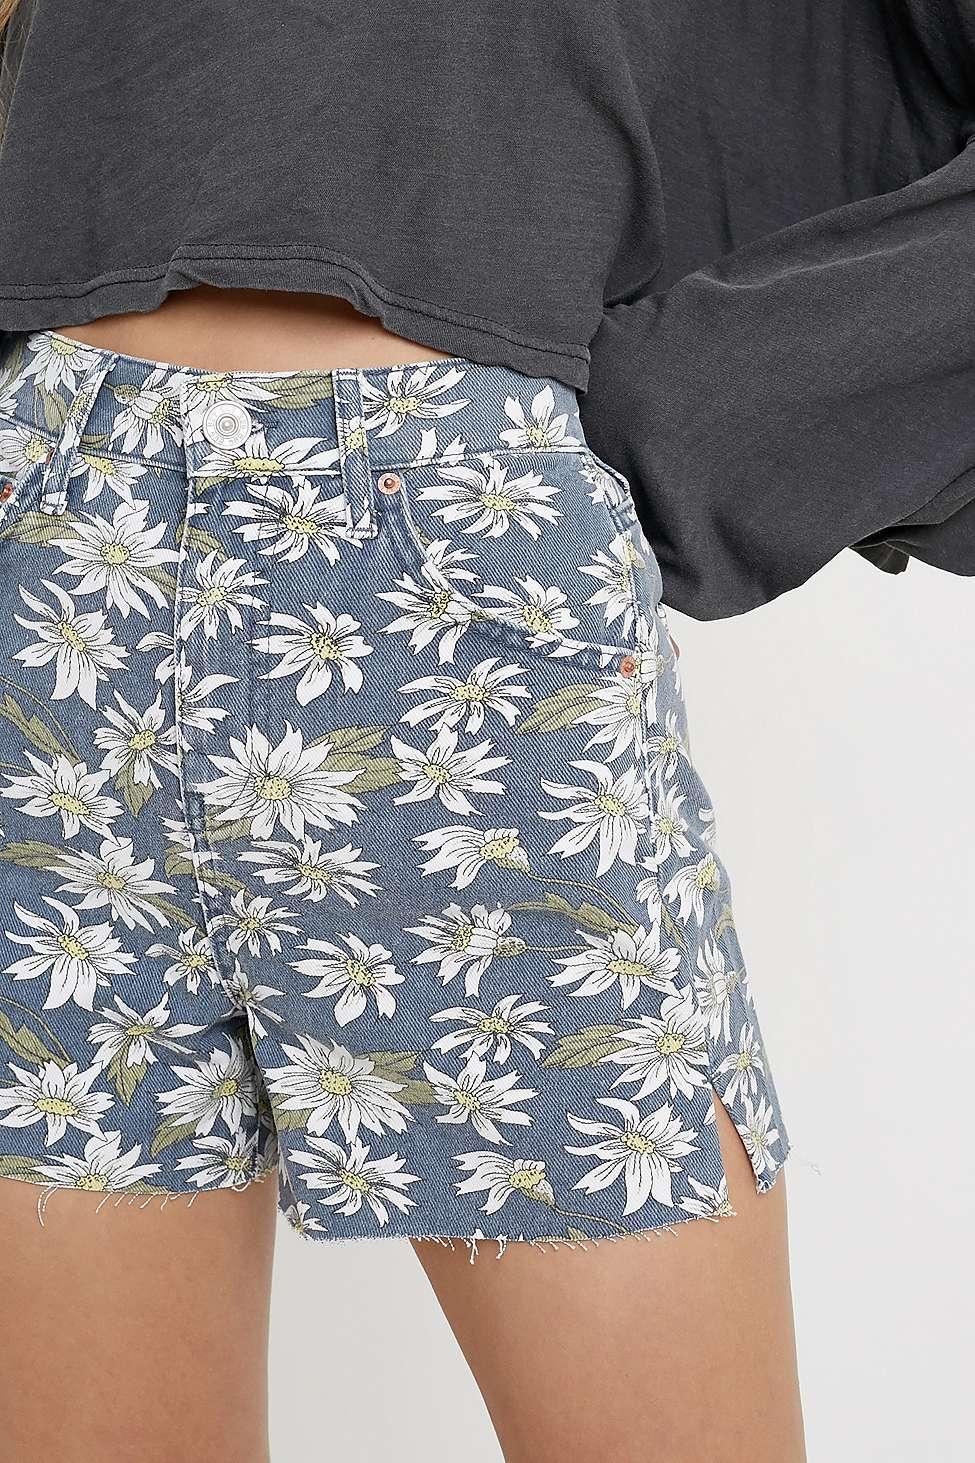 dc35af6f9 ... Daisy Print Denim Shorts - Womens 28w - Lyst. View fullscreen